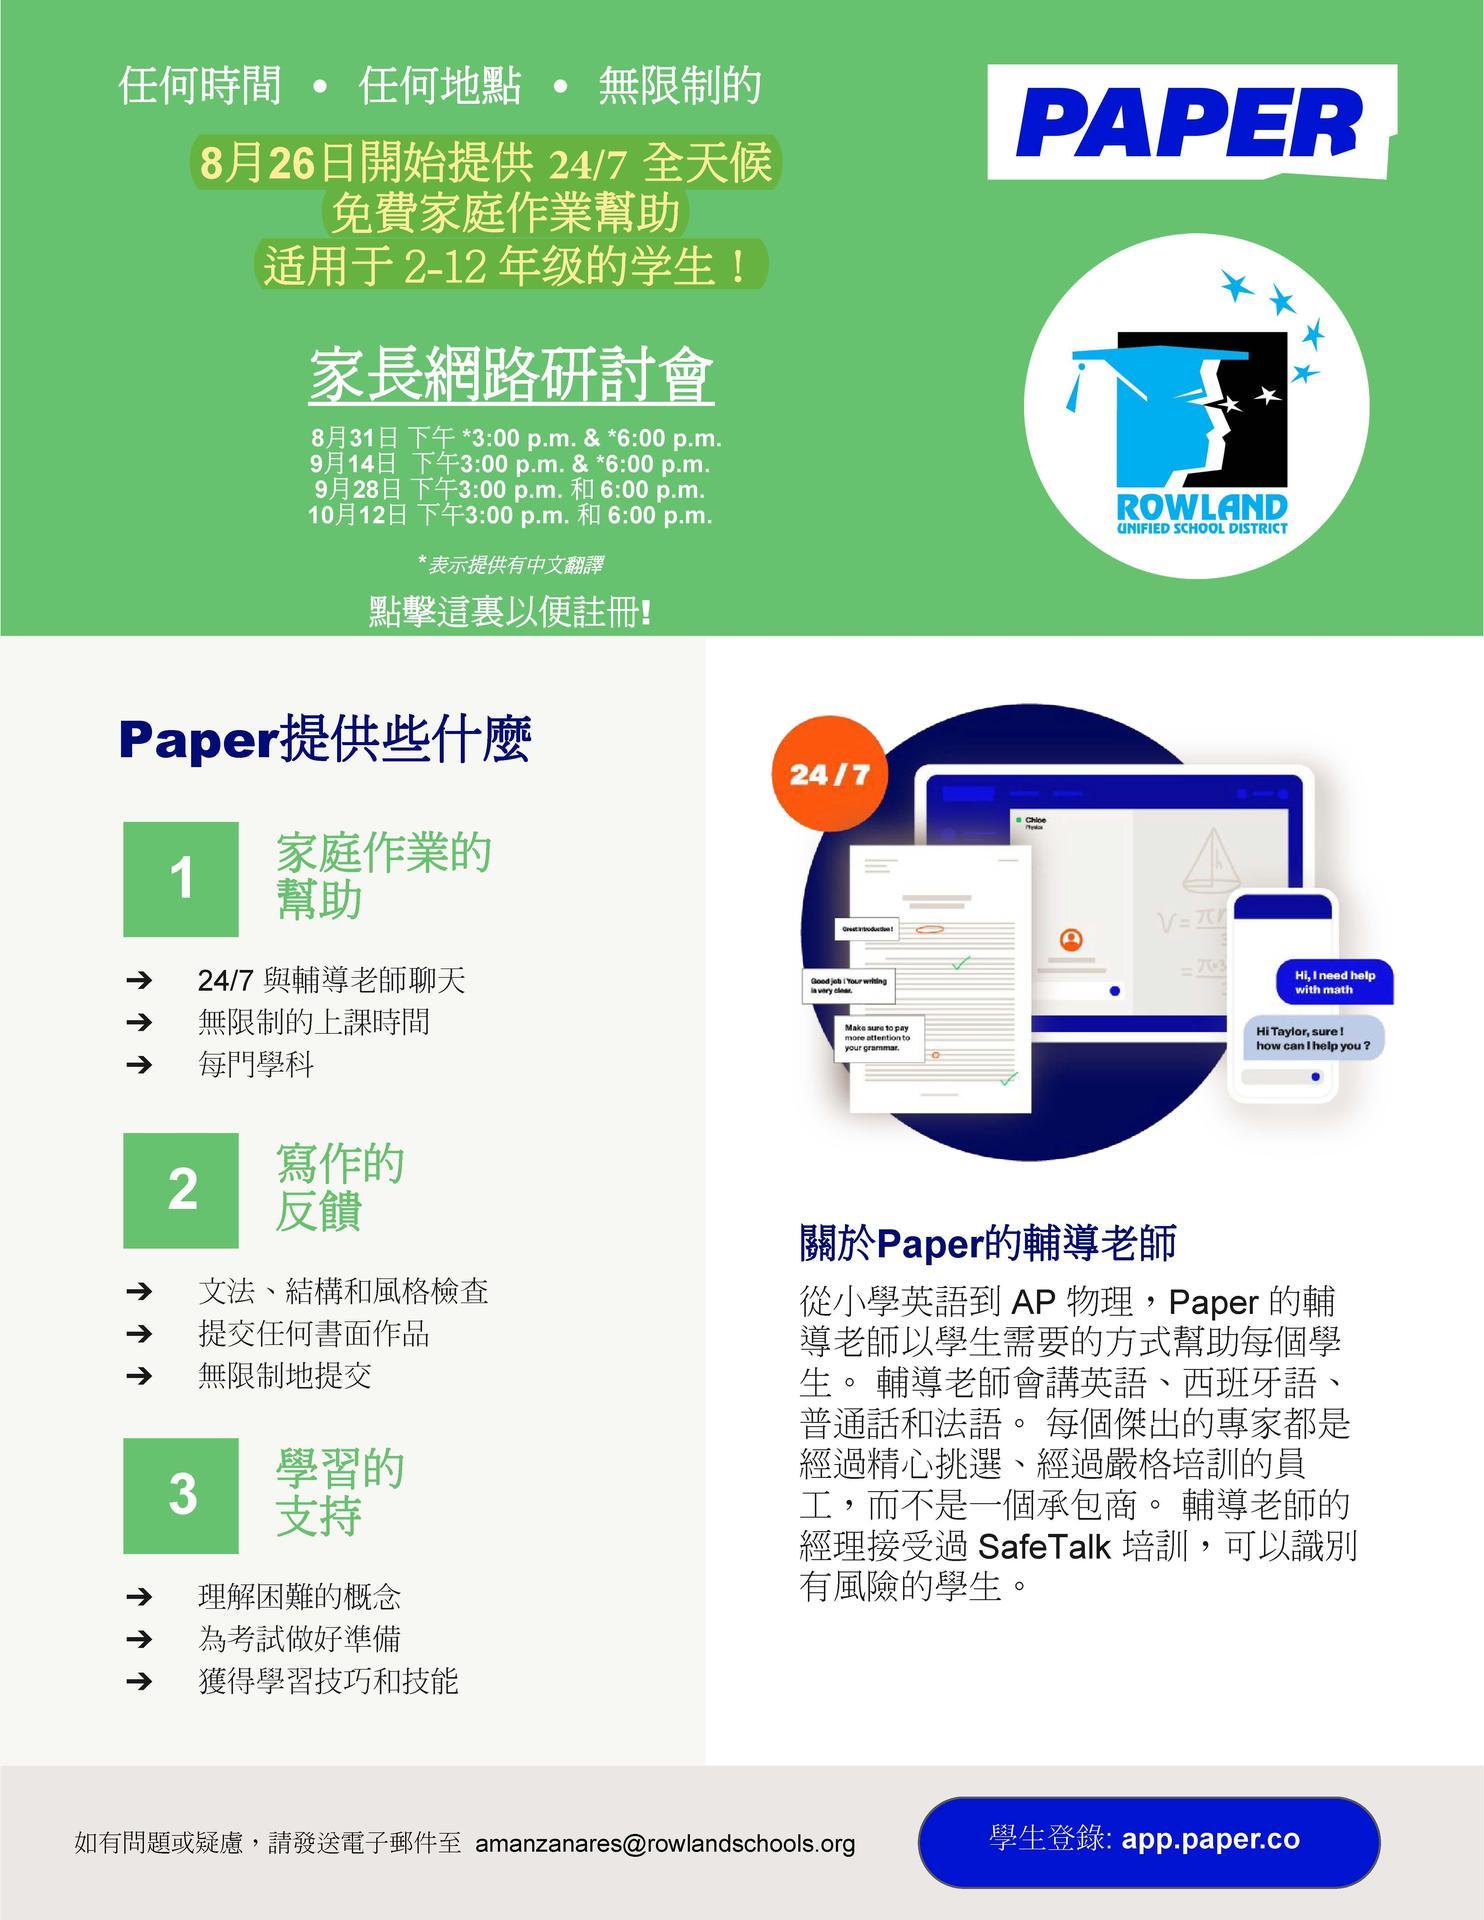 Chinese TUTOR PAPER info